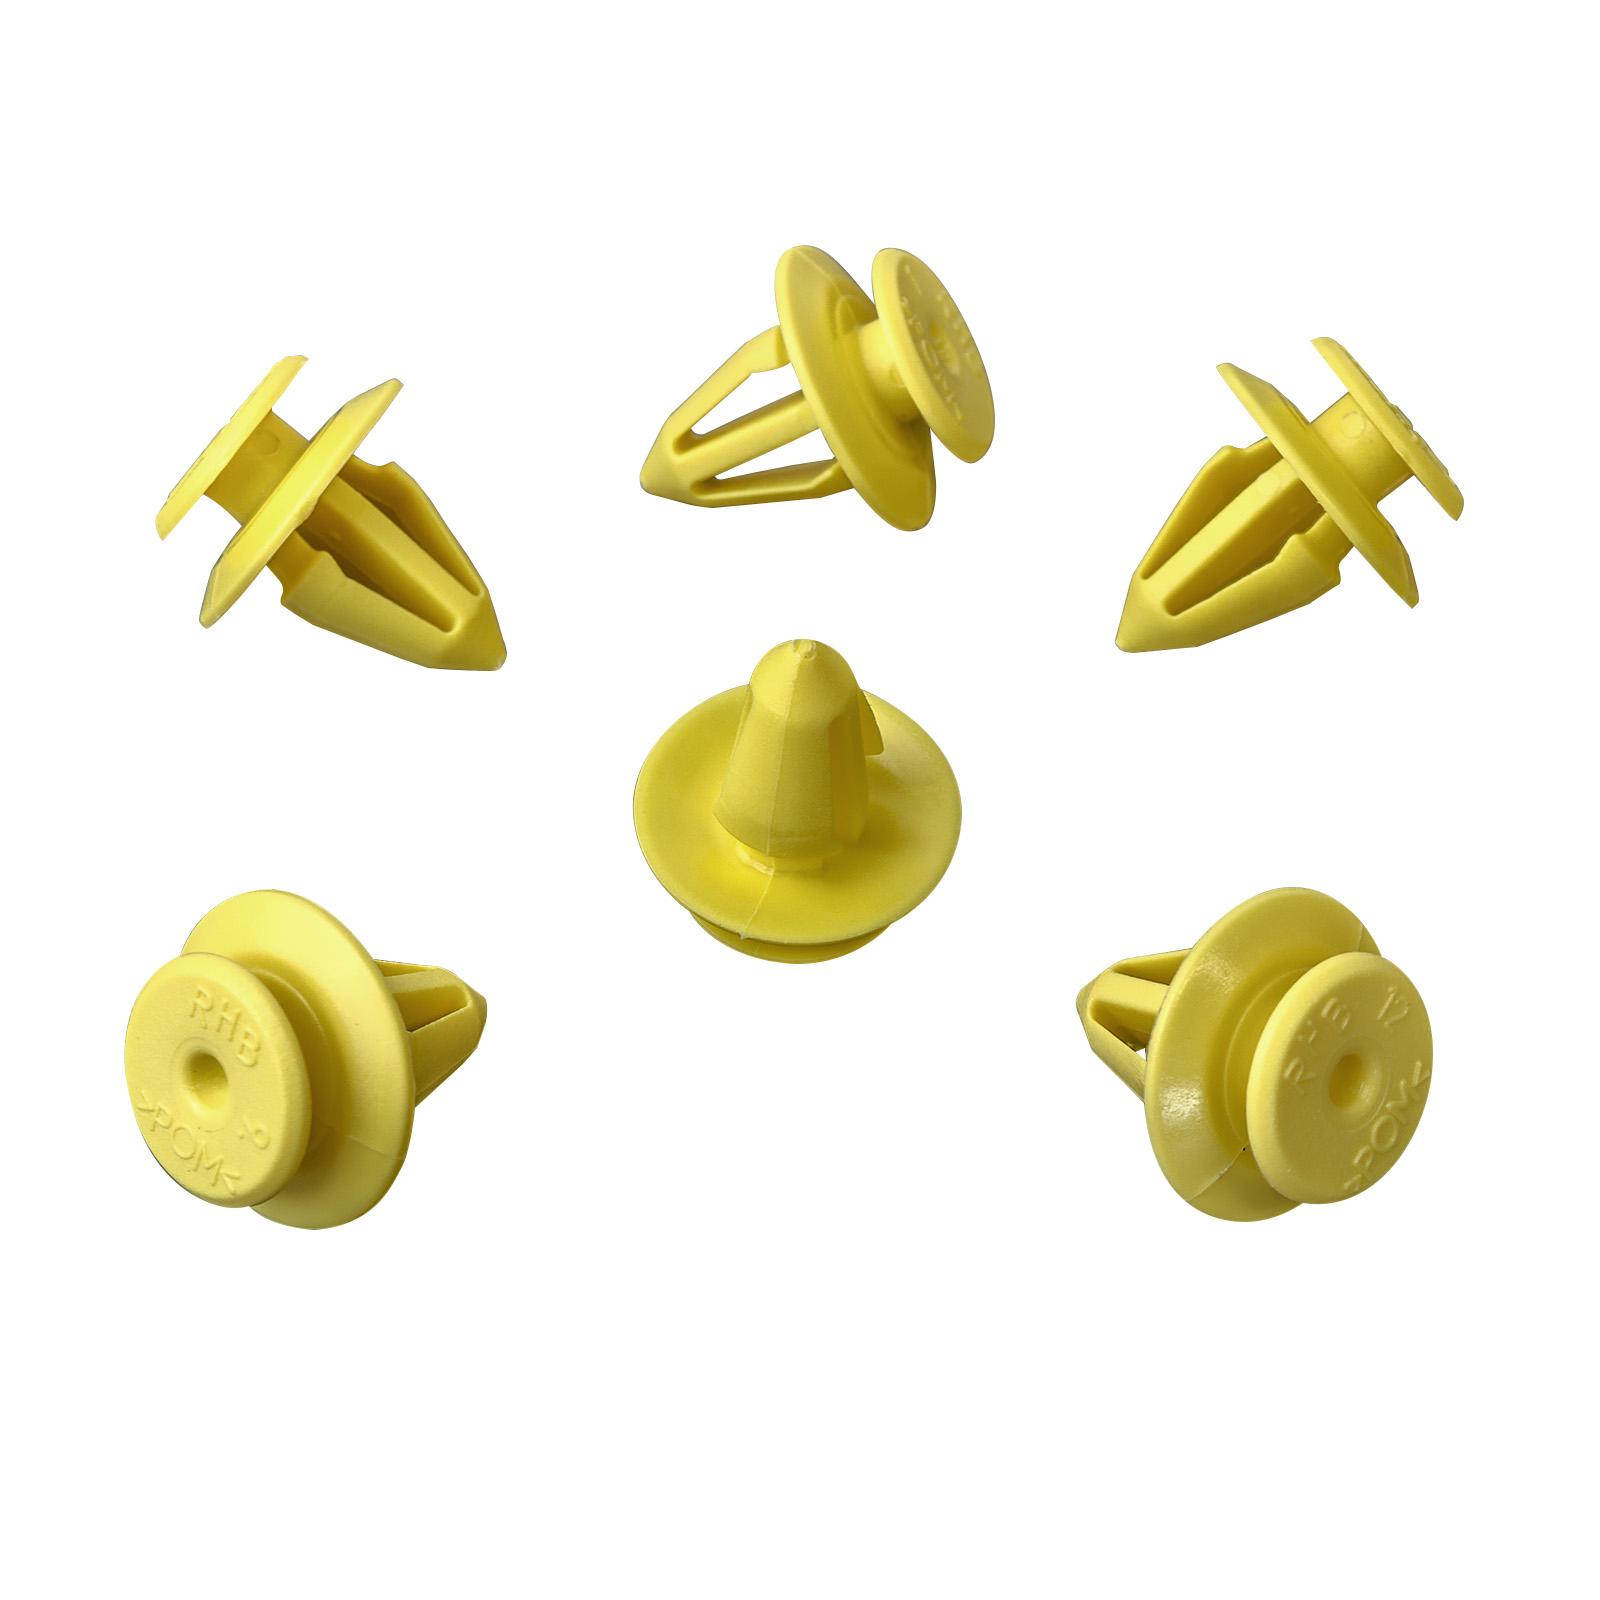 Türverkleidung Clips für Audi Ford Seat Ohne Dichtung 1008068 7M0867299K